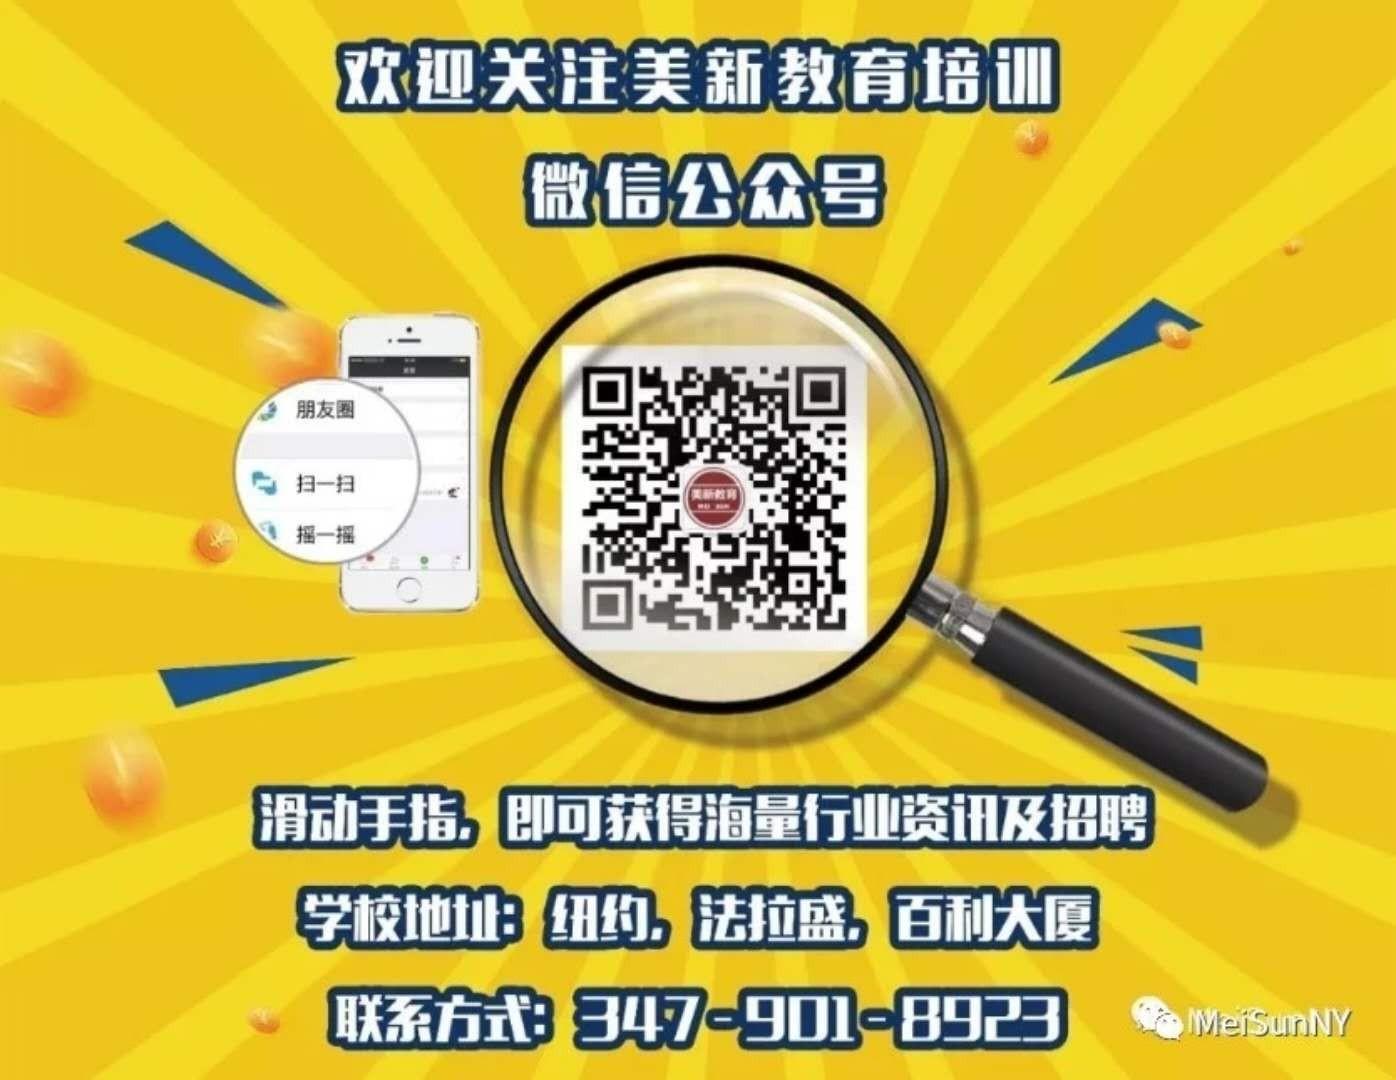 中国的工业化教育_图1-3